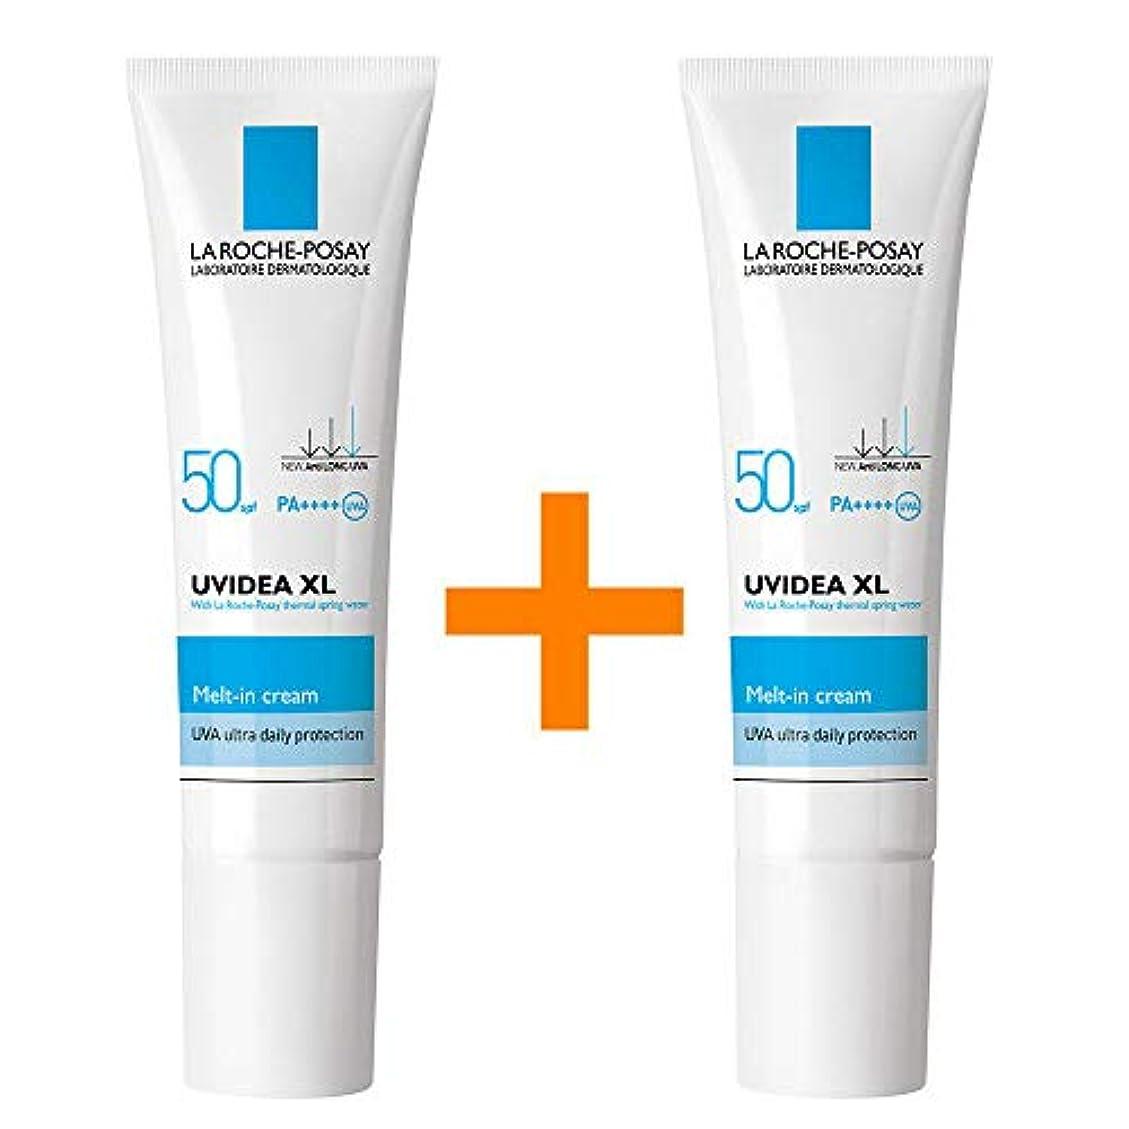 より良い冷凍庫ベルト[1+1] La Roche-Posay ラロッシュポゼ UVイデア XL Melt-In クリーム Uvidea XL Melt-In Cream - Natural (30ml) SPF50+ PA++++